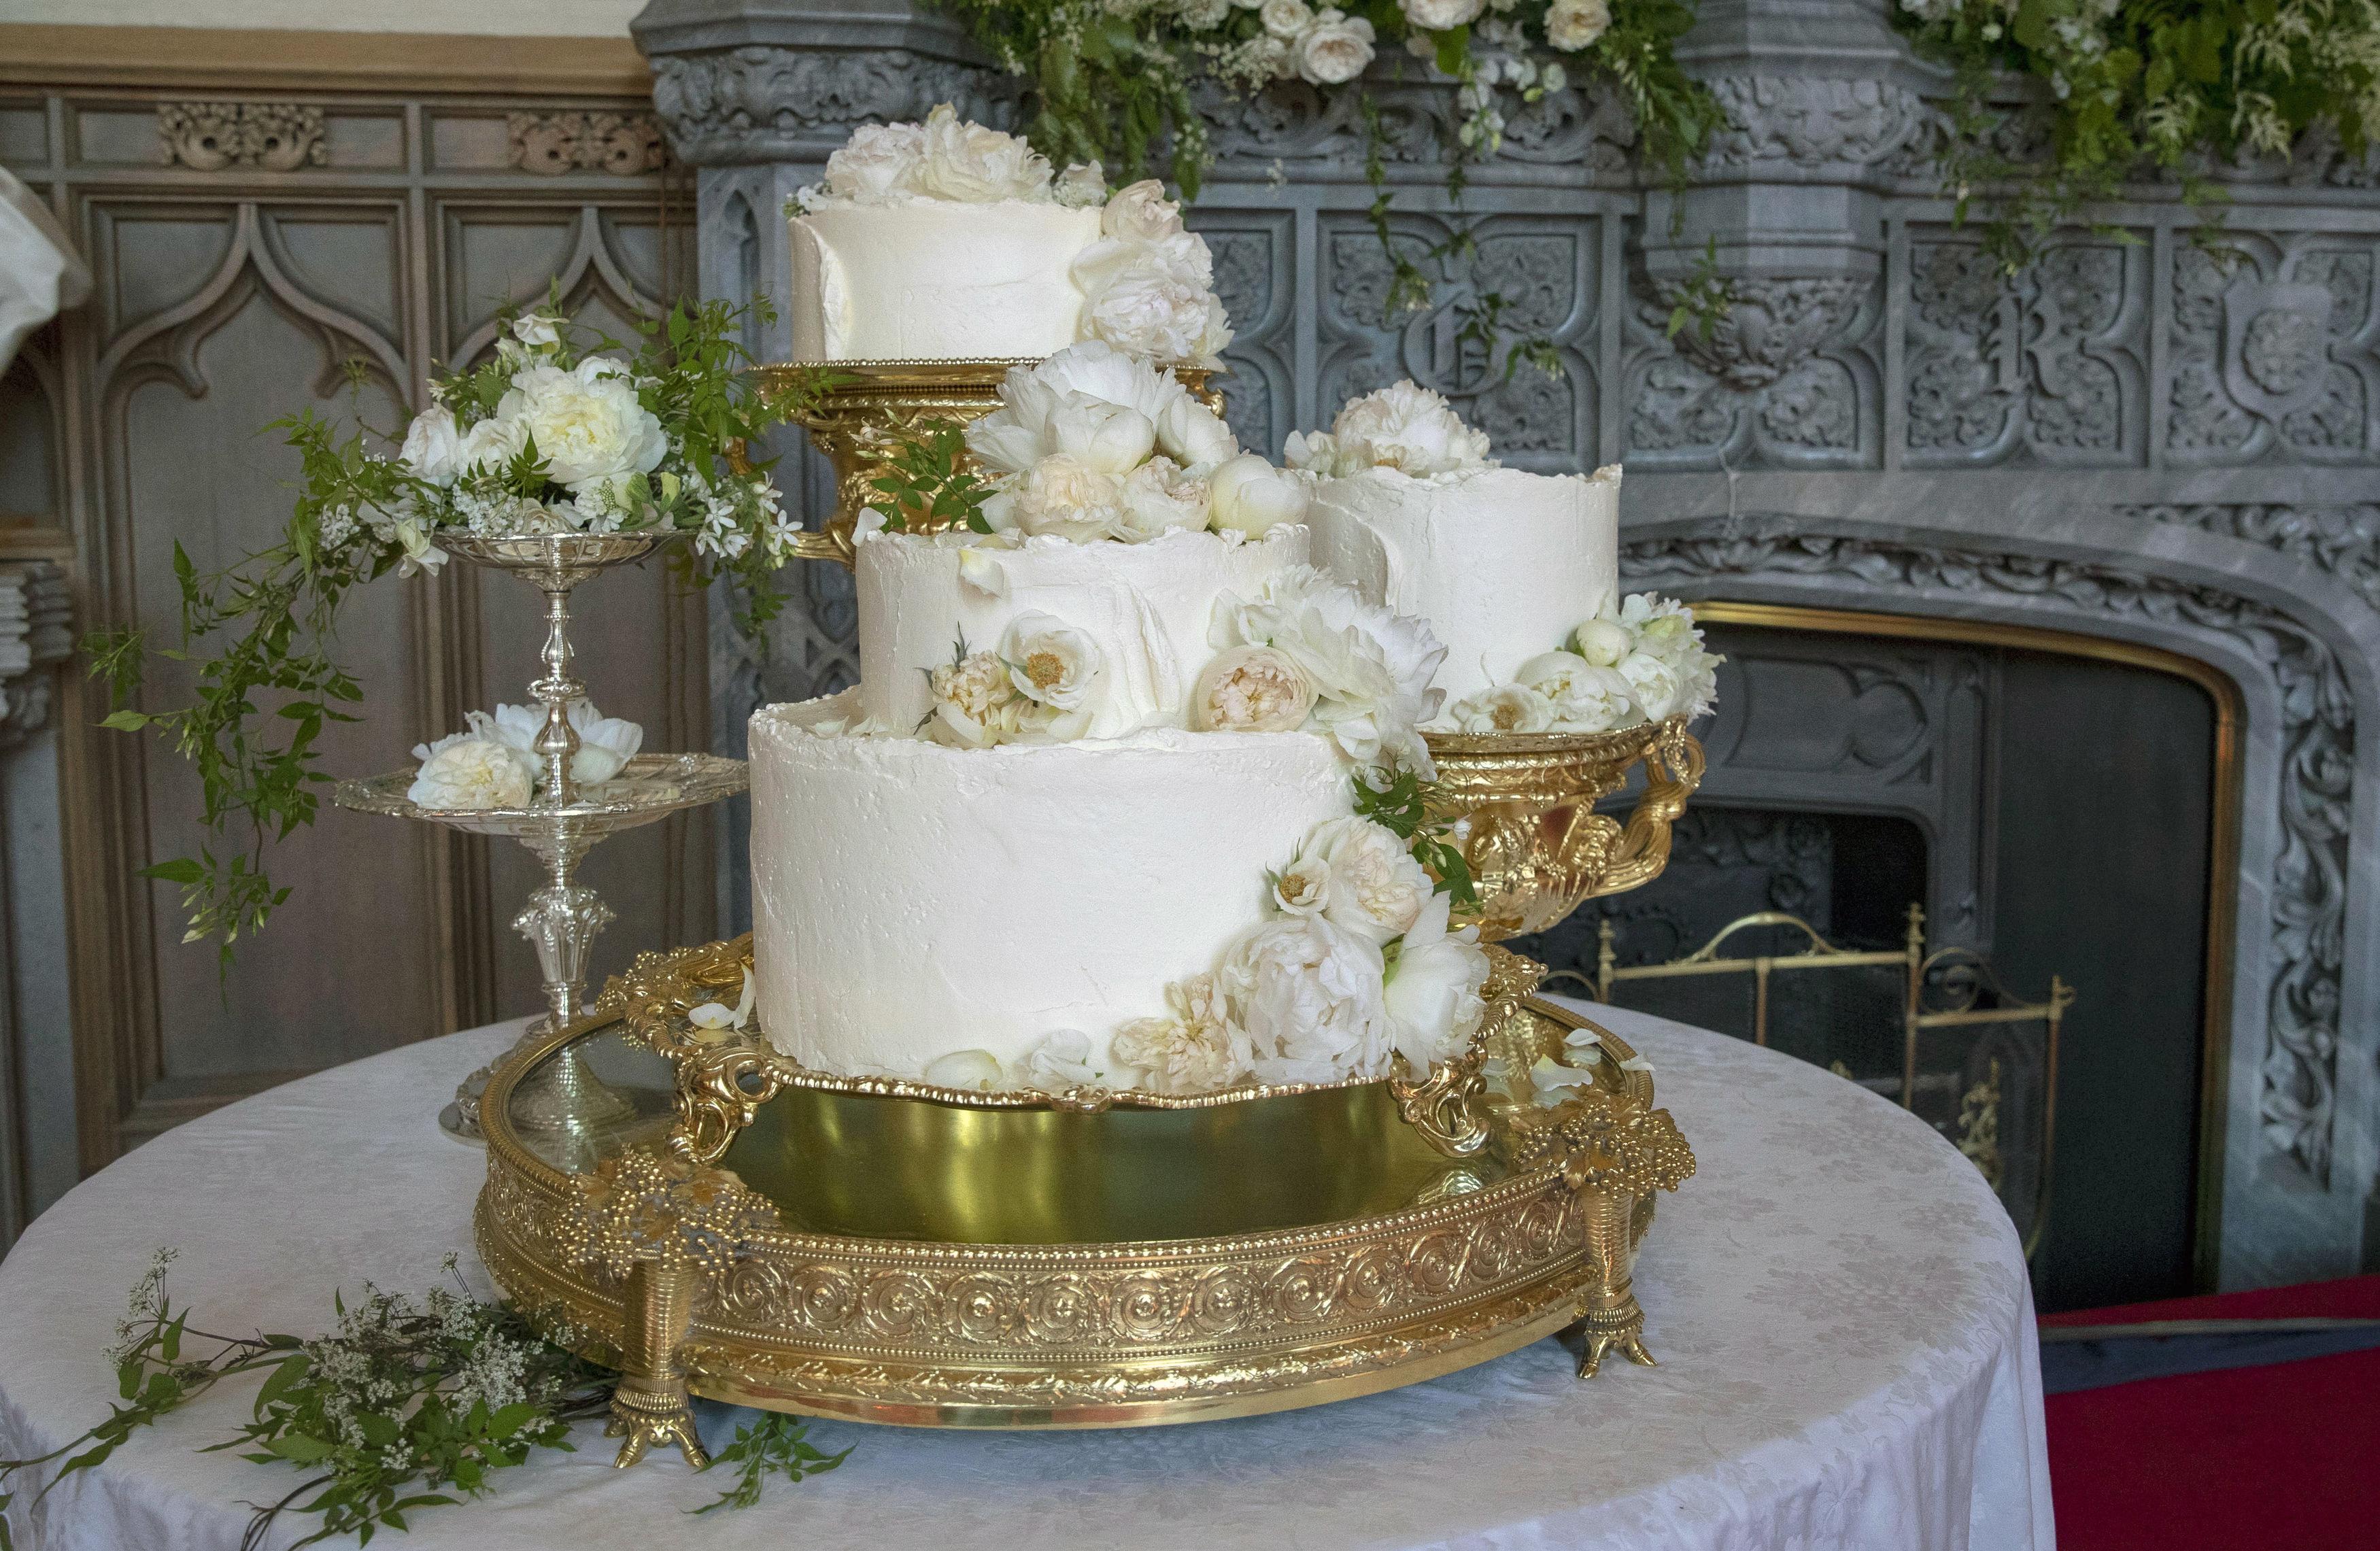 A hercegi torta